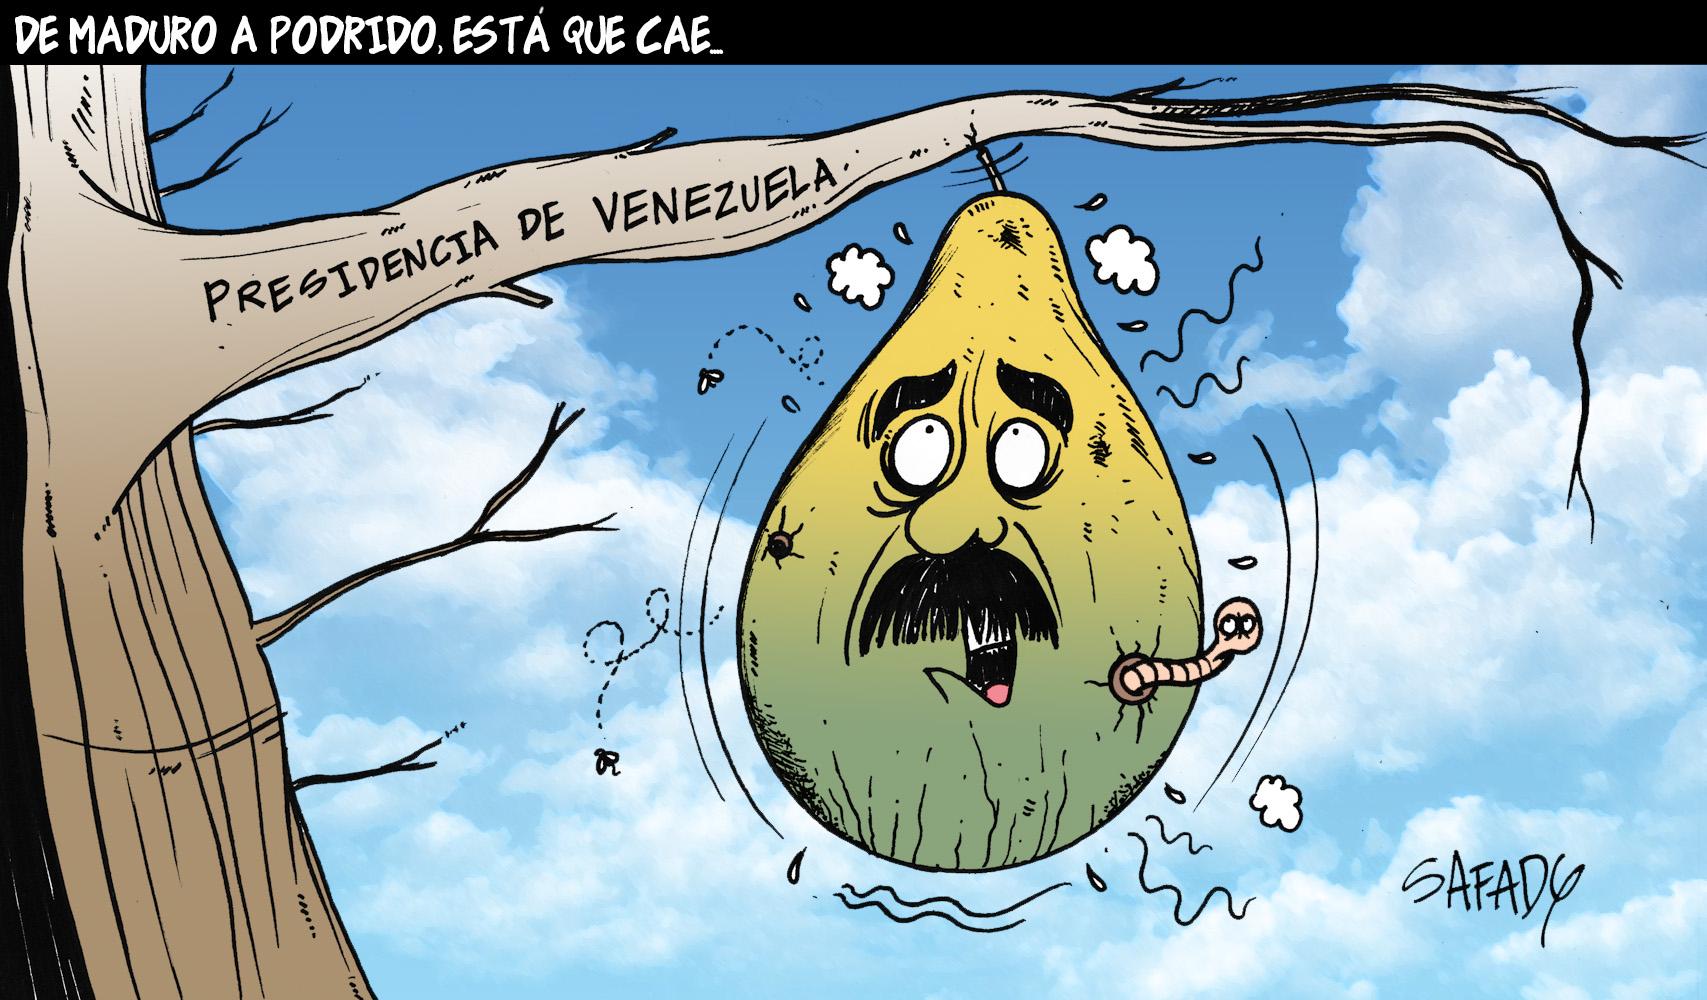 De Maduro a Podrido, está que cae